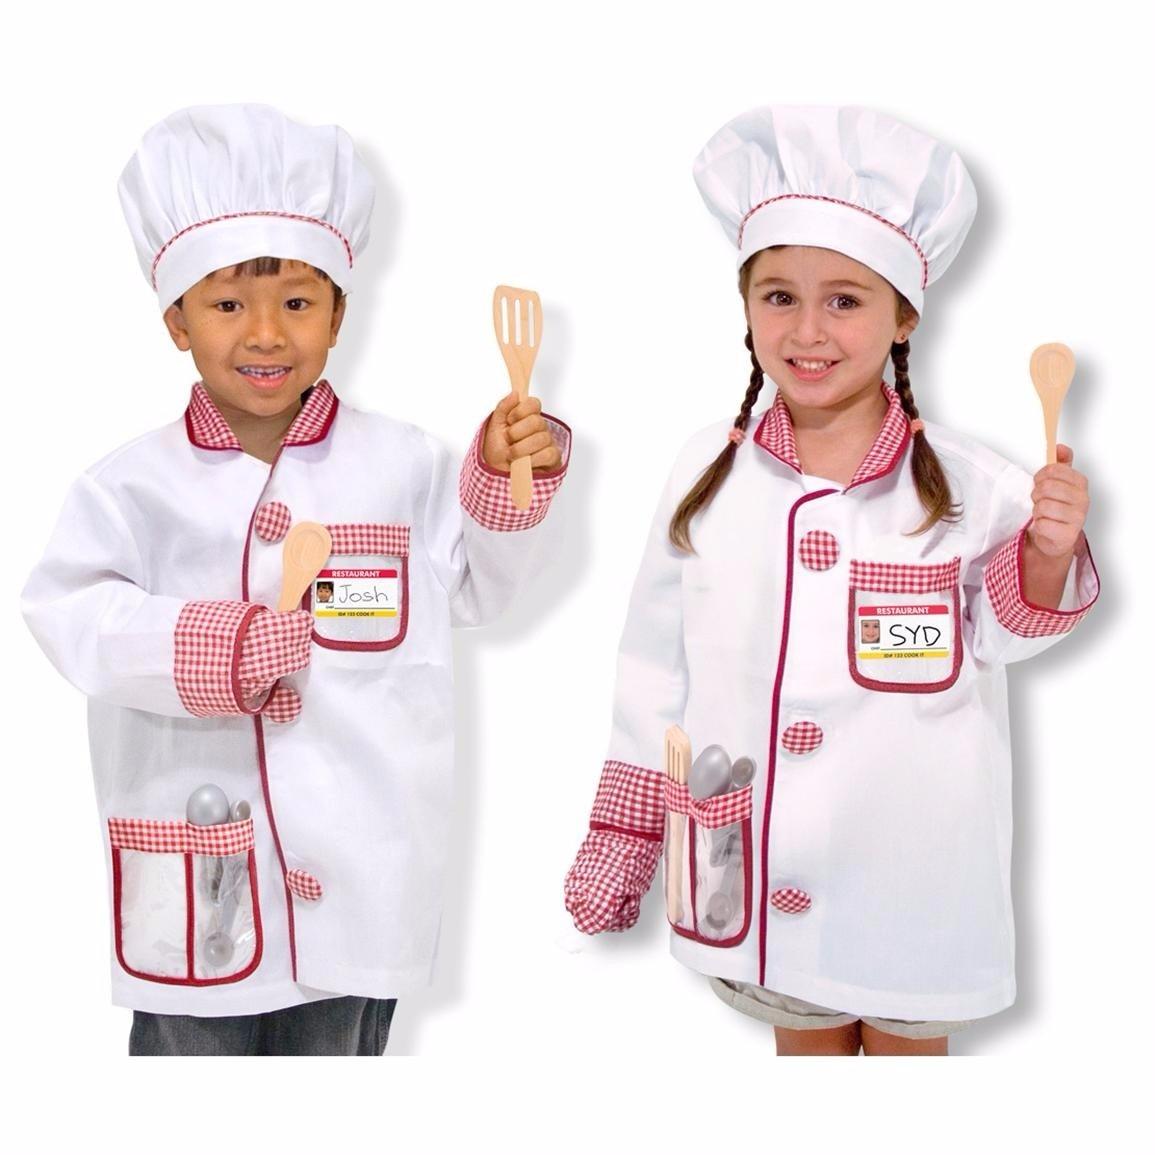 Disfraz de chef cocinero para ni os accesorios incluidos for Articulos de chef